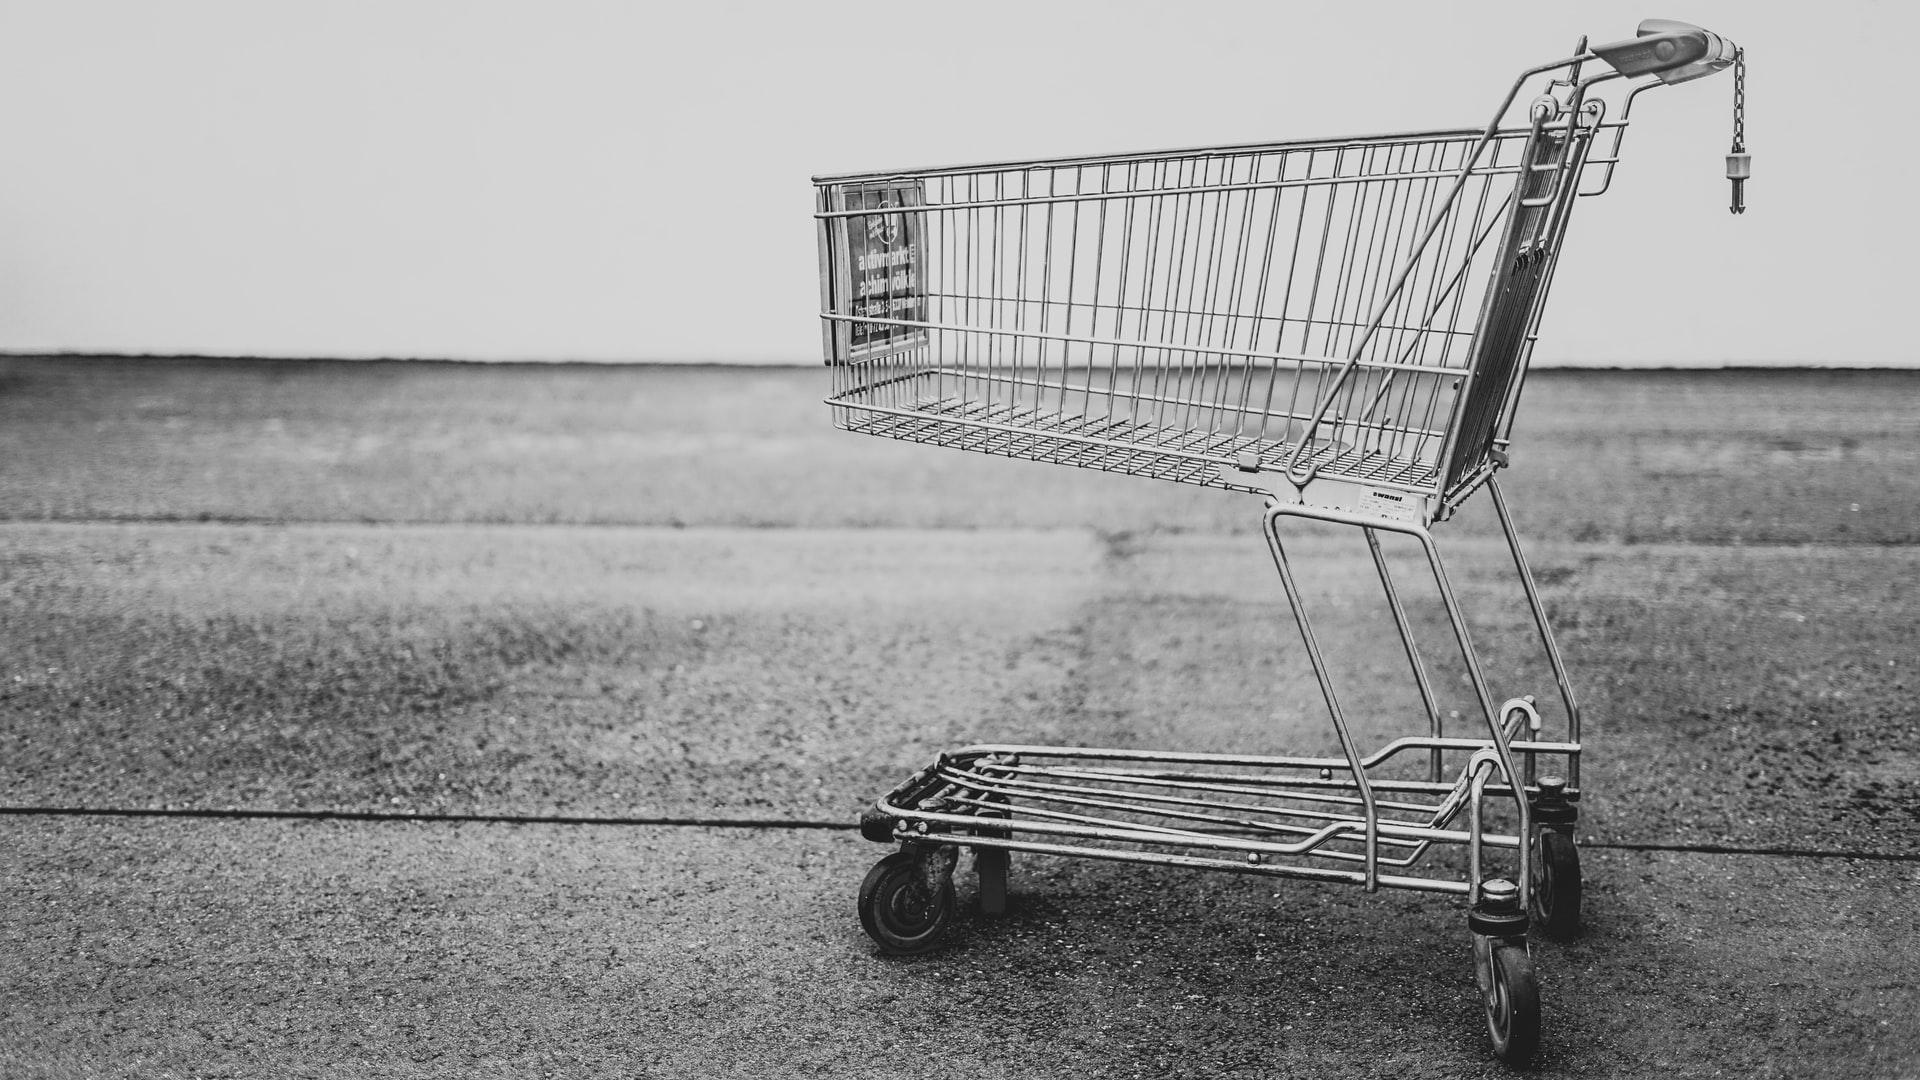 Achat malin : astuces pour économiser en achetant sur le net